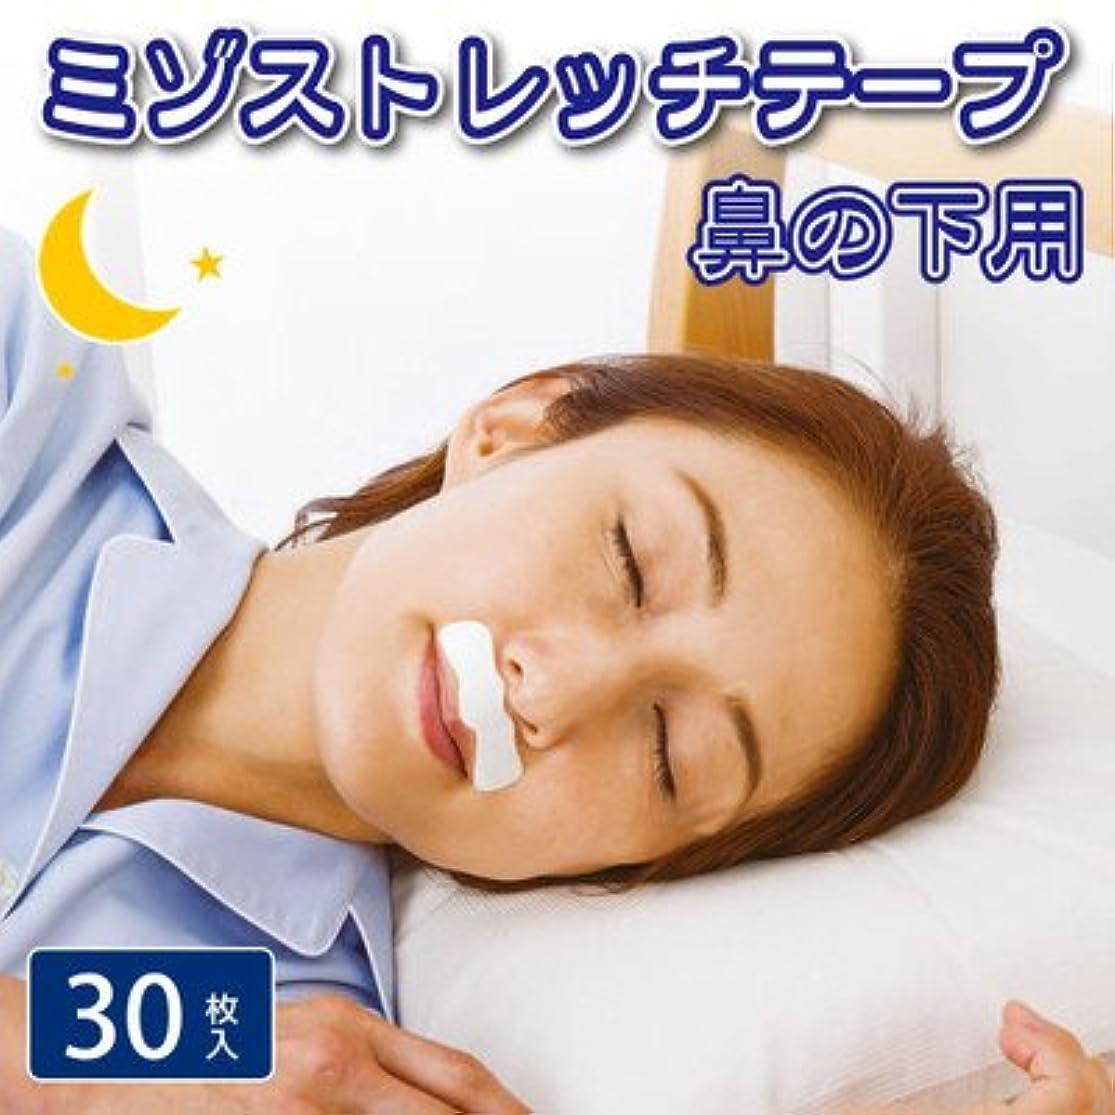 原始的なでびっくりした貼って寝るだけ 翌朝ピーン ミゾストレッチテープ 鼻の下用